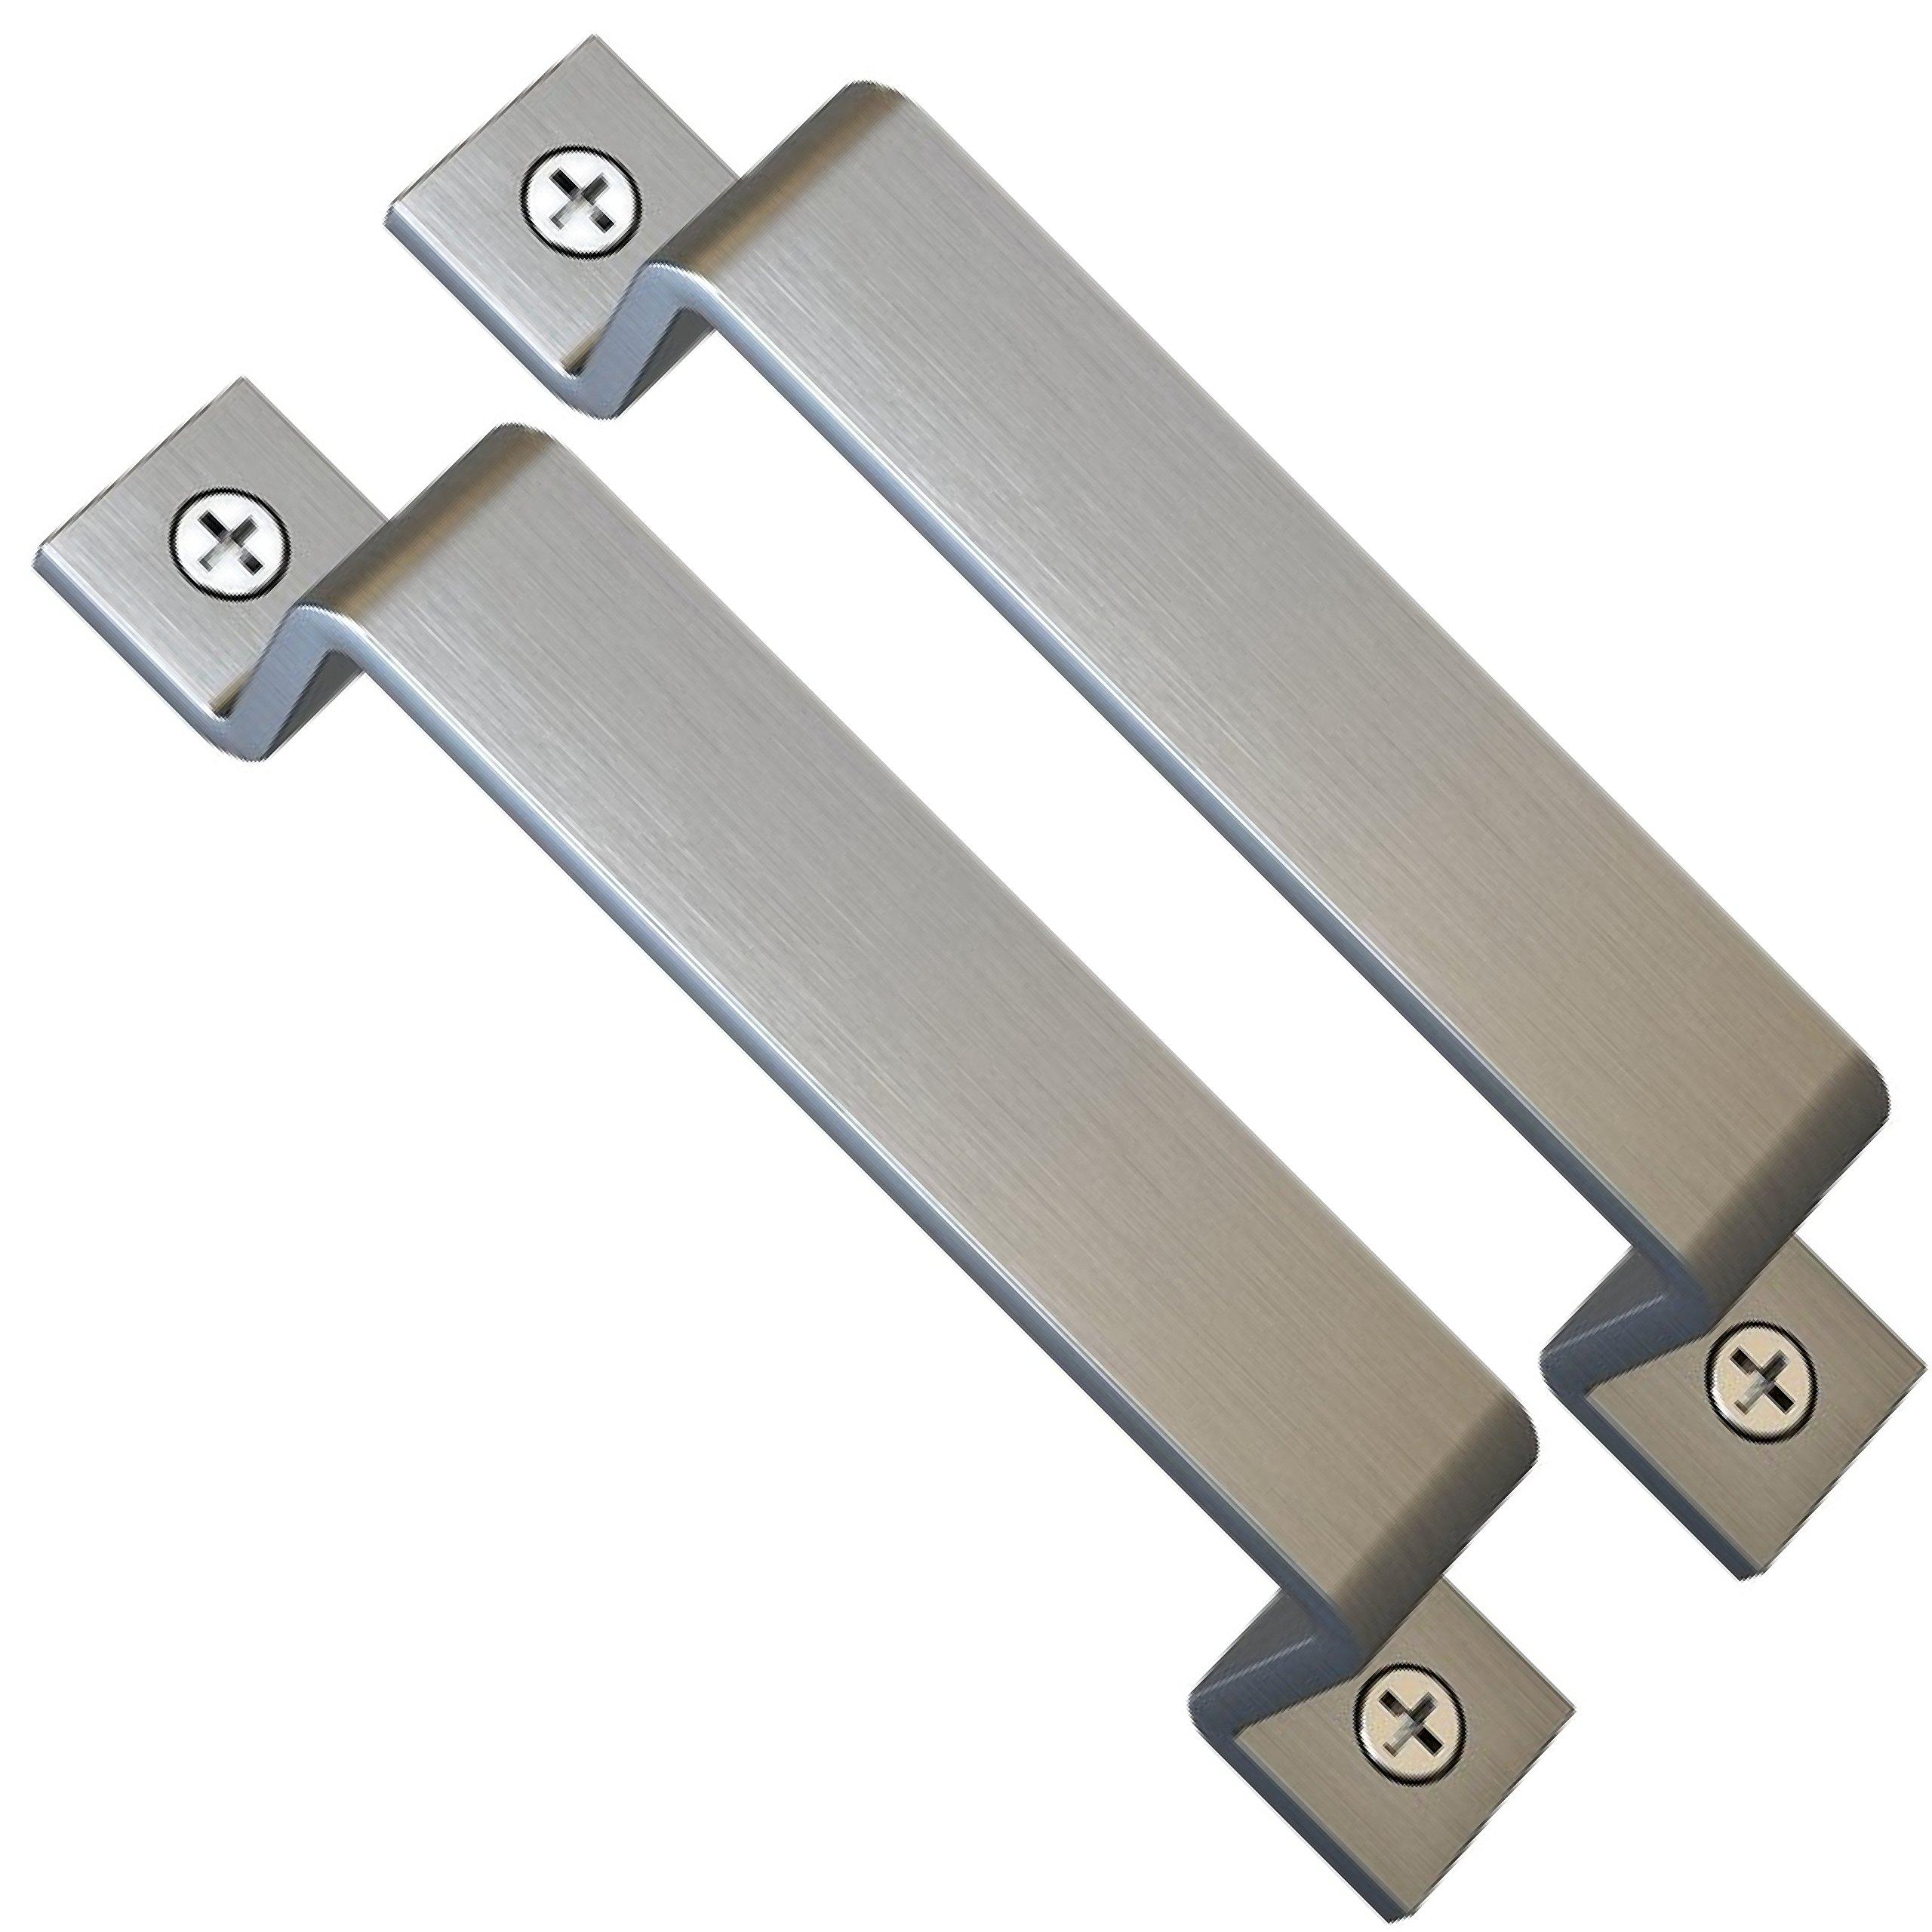 Sliding Barn Door Handle Pull Set   Black Steel or Stainless Steel   Screws Included